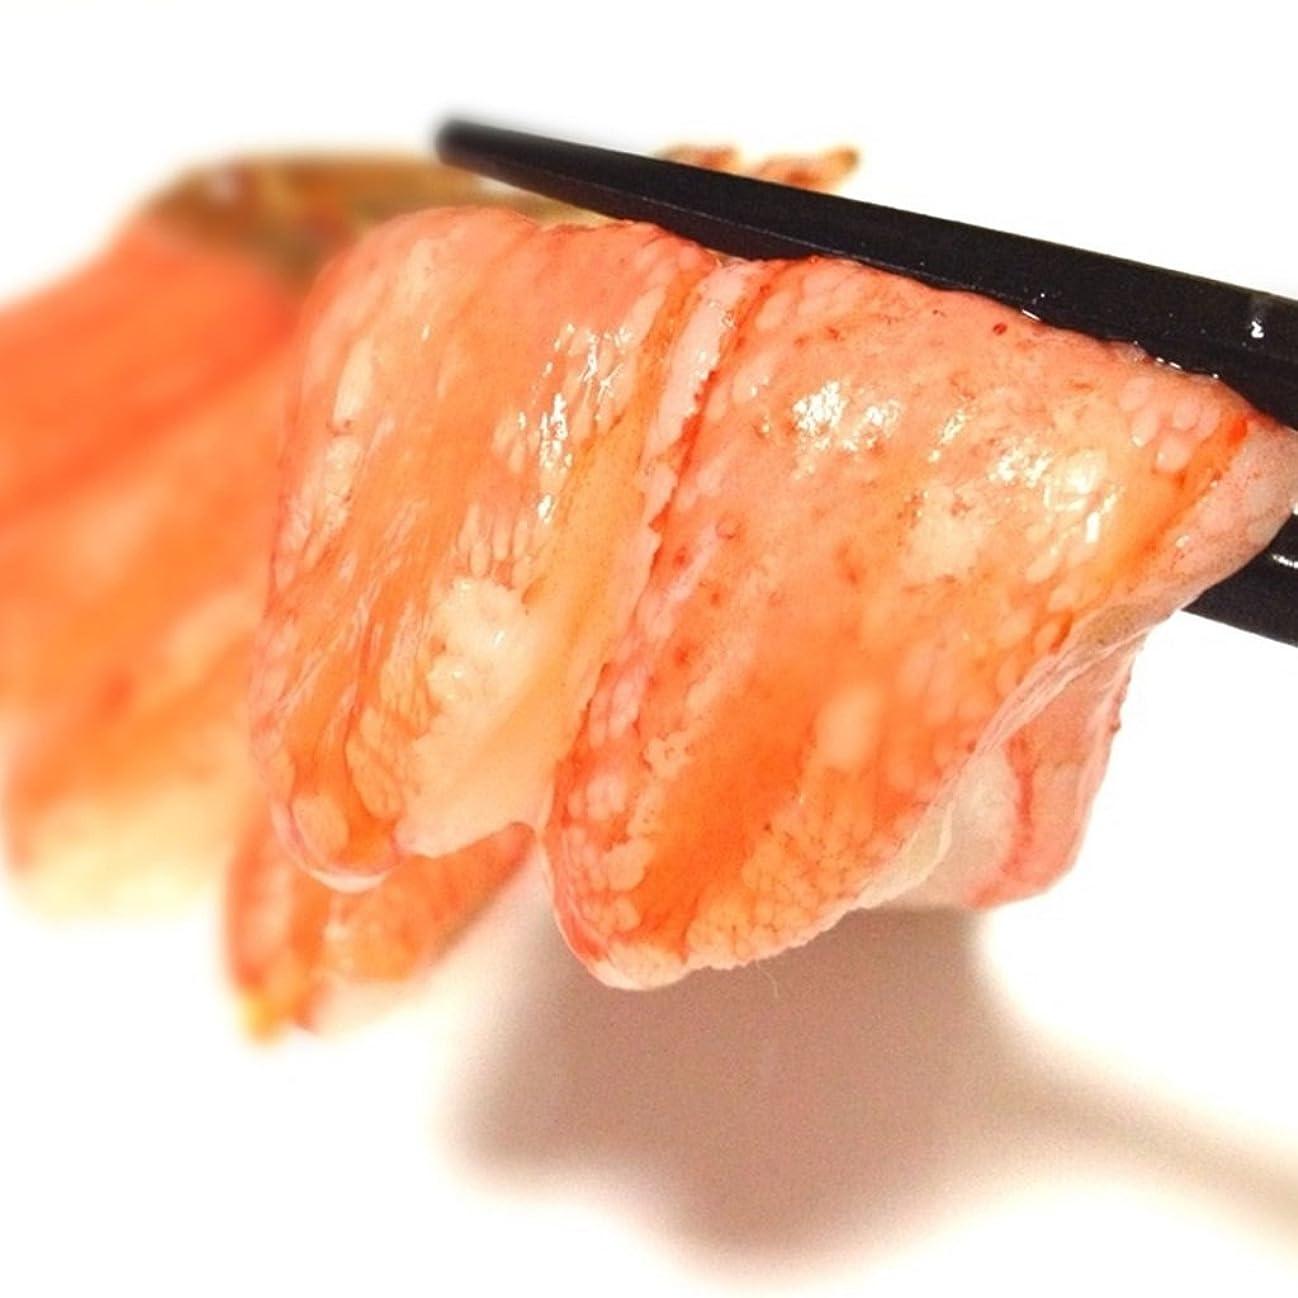 困った換気法医学ずわいがに 脚 むき身 特大 生 ズワイガニ 足 棒肉 ポーション かに 蟹 500g入 (大サイズ16-25本)